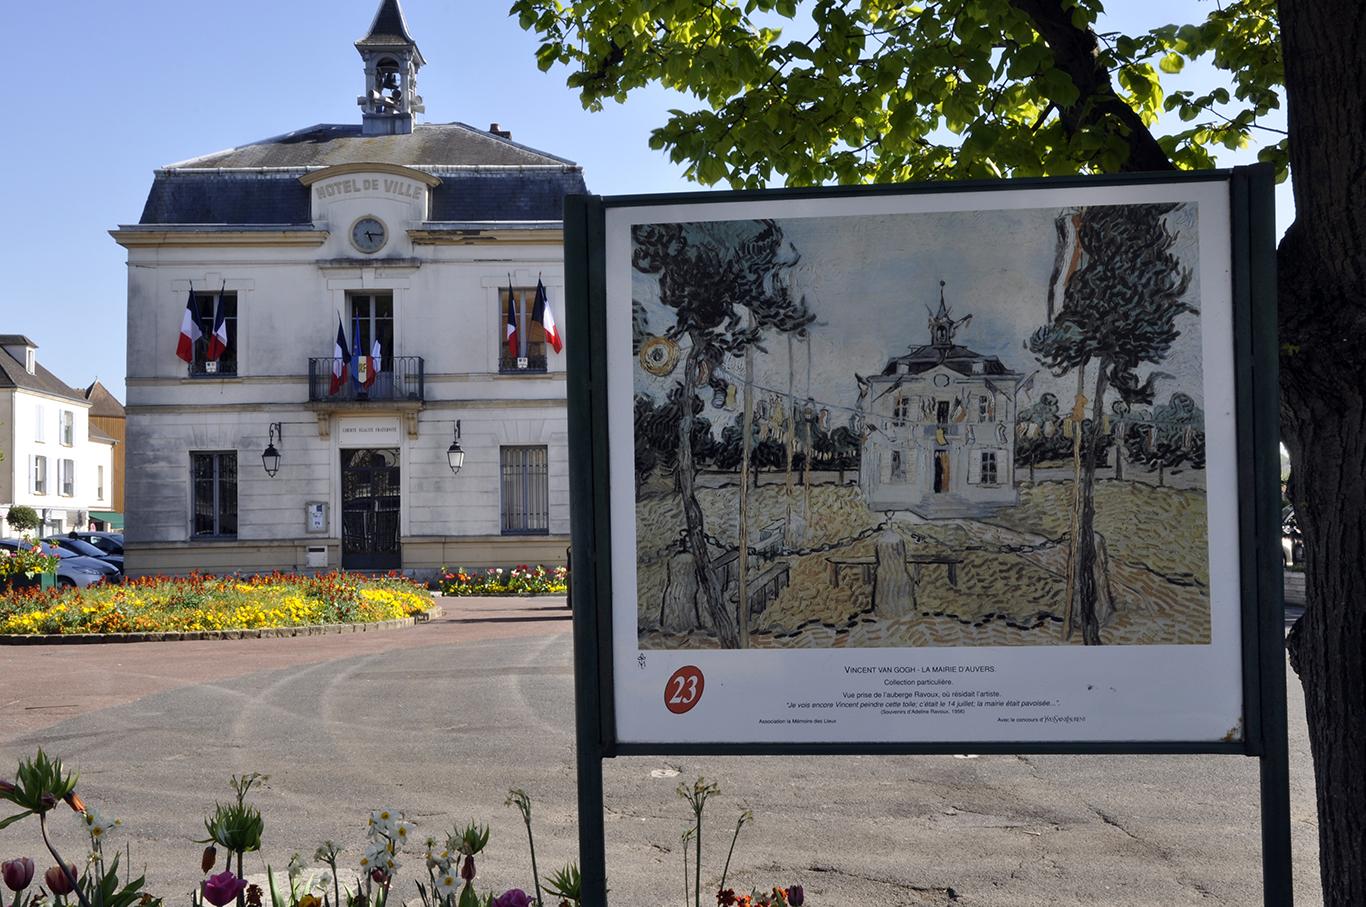 La mairie d'Auvers-sur-Oise ©JLPP